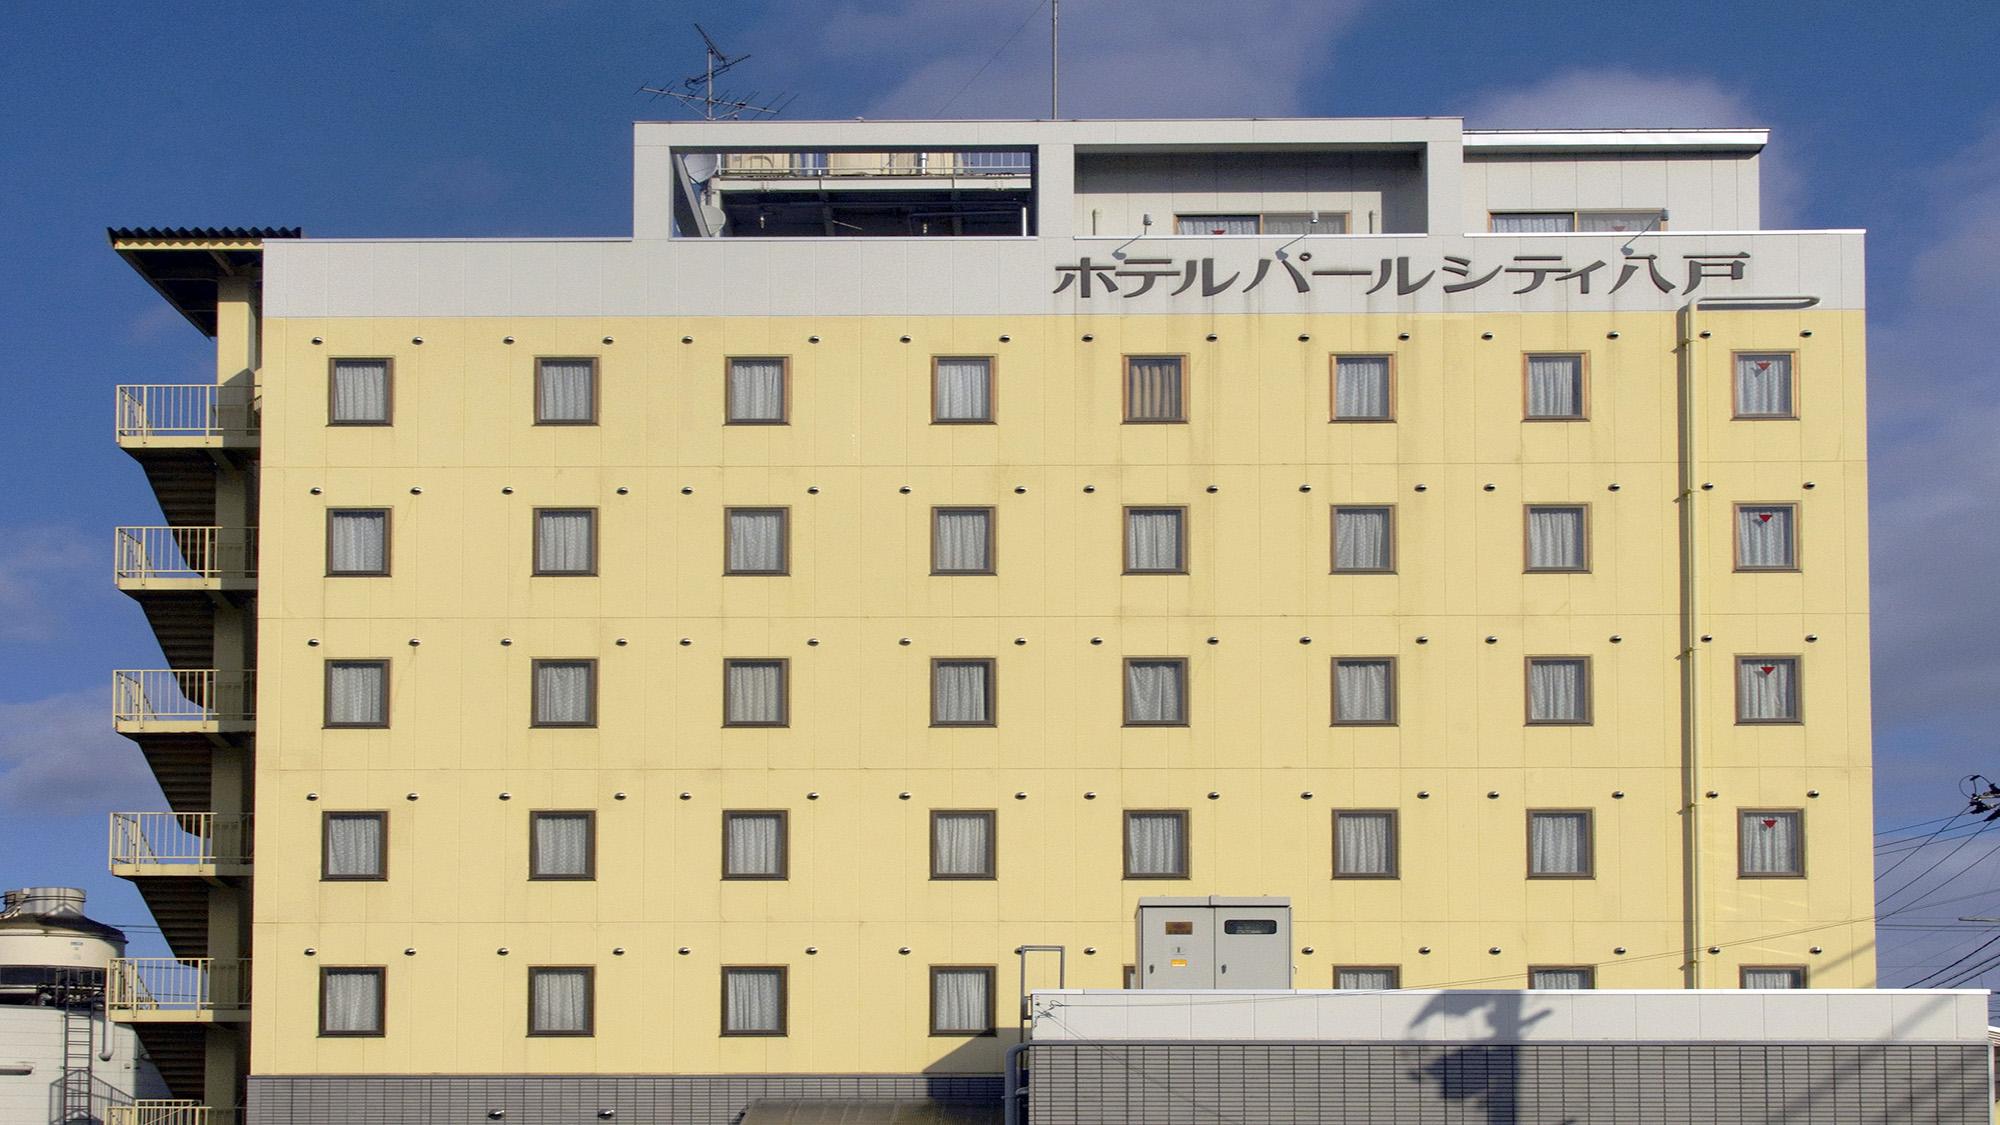 ホテルパールシティ八戸の詳細